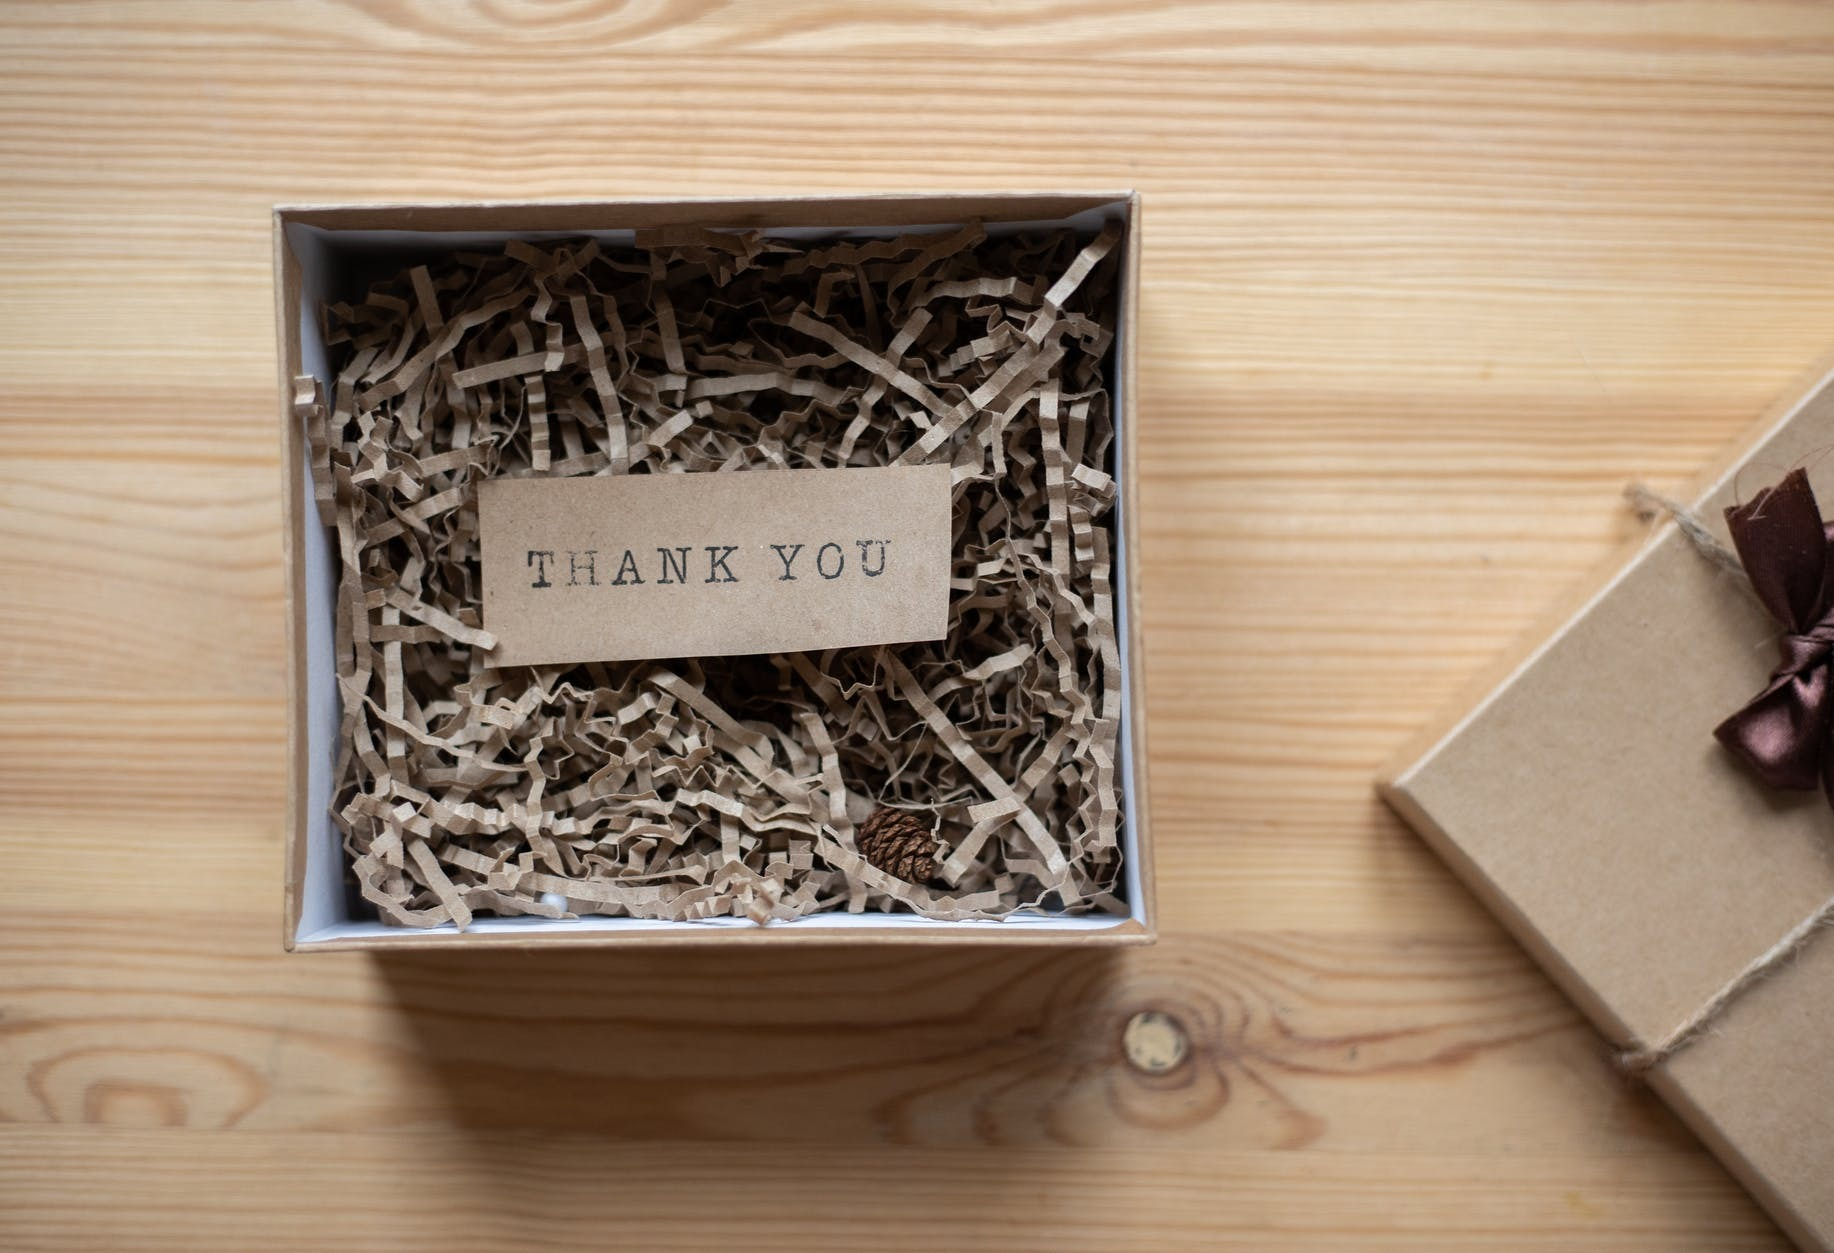 4 Cara Kreatif Mengatakan Terima Kasih kepada Pelangggan